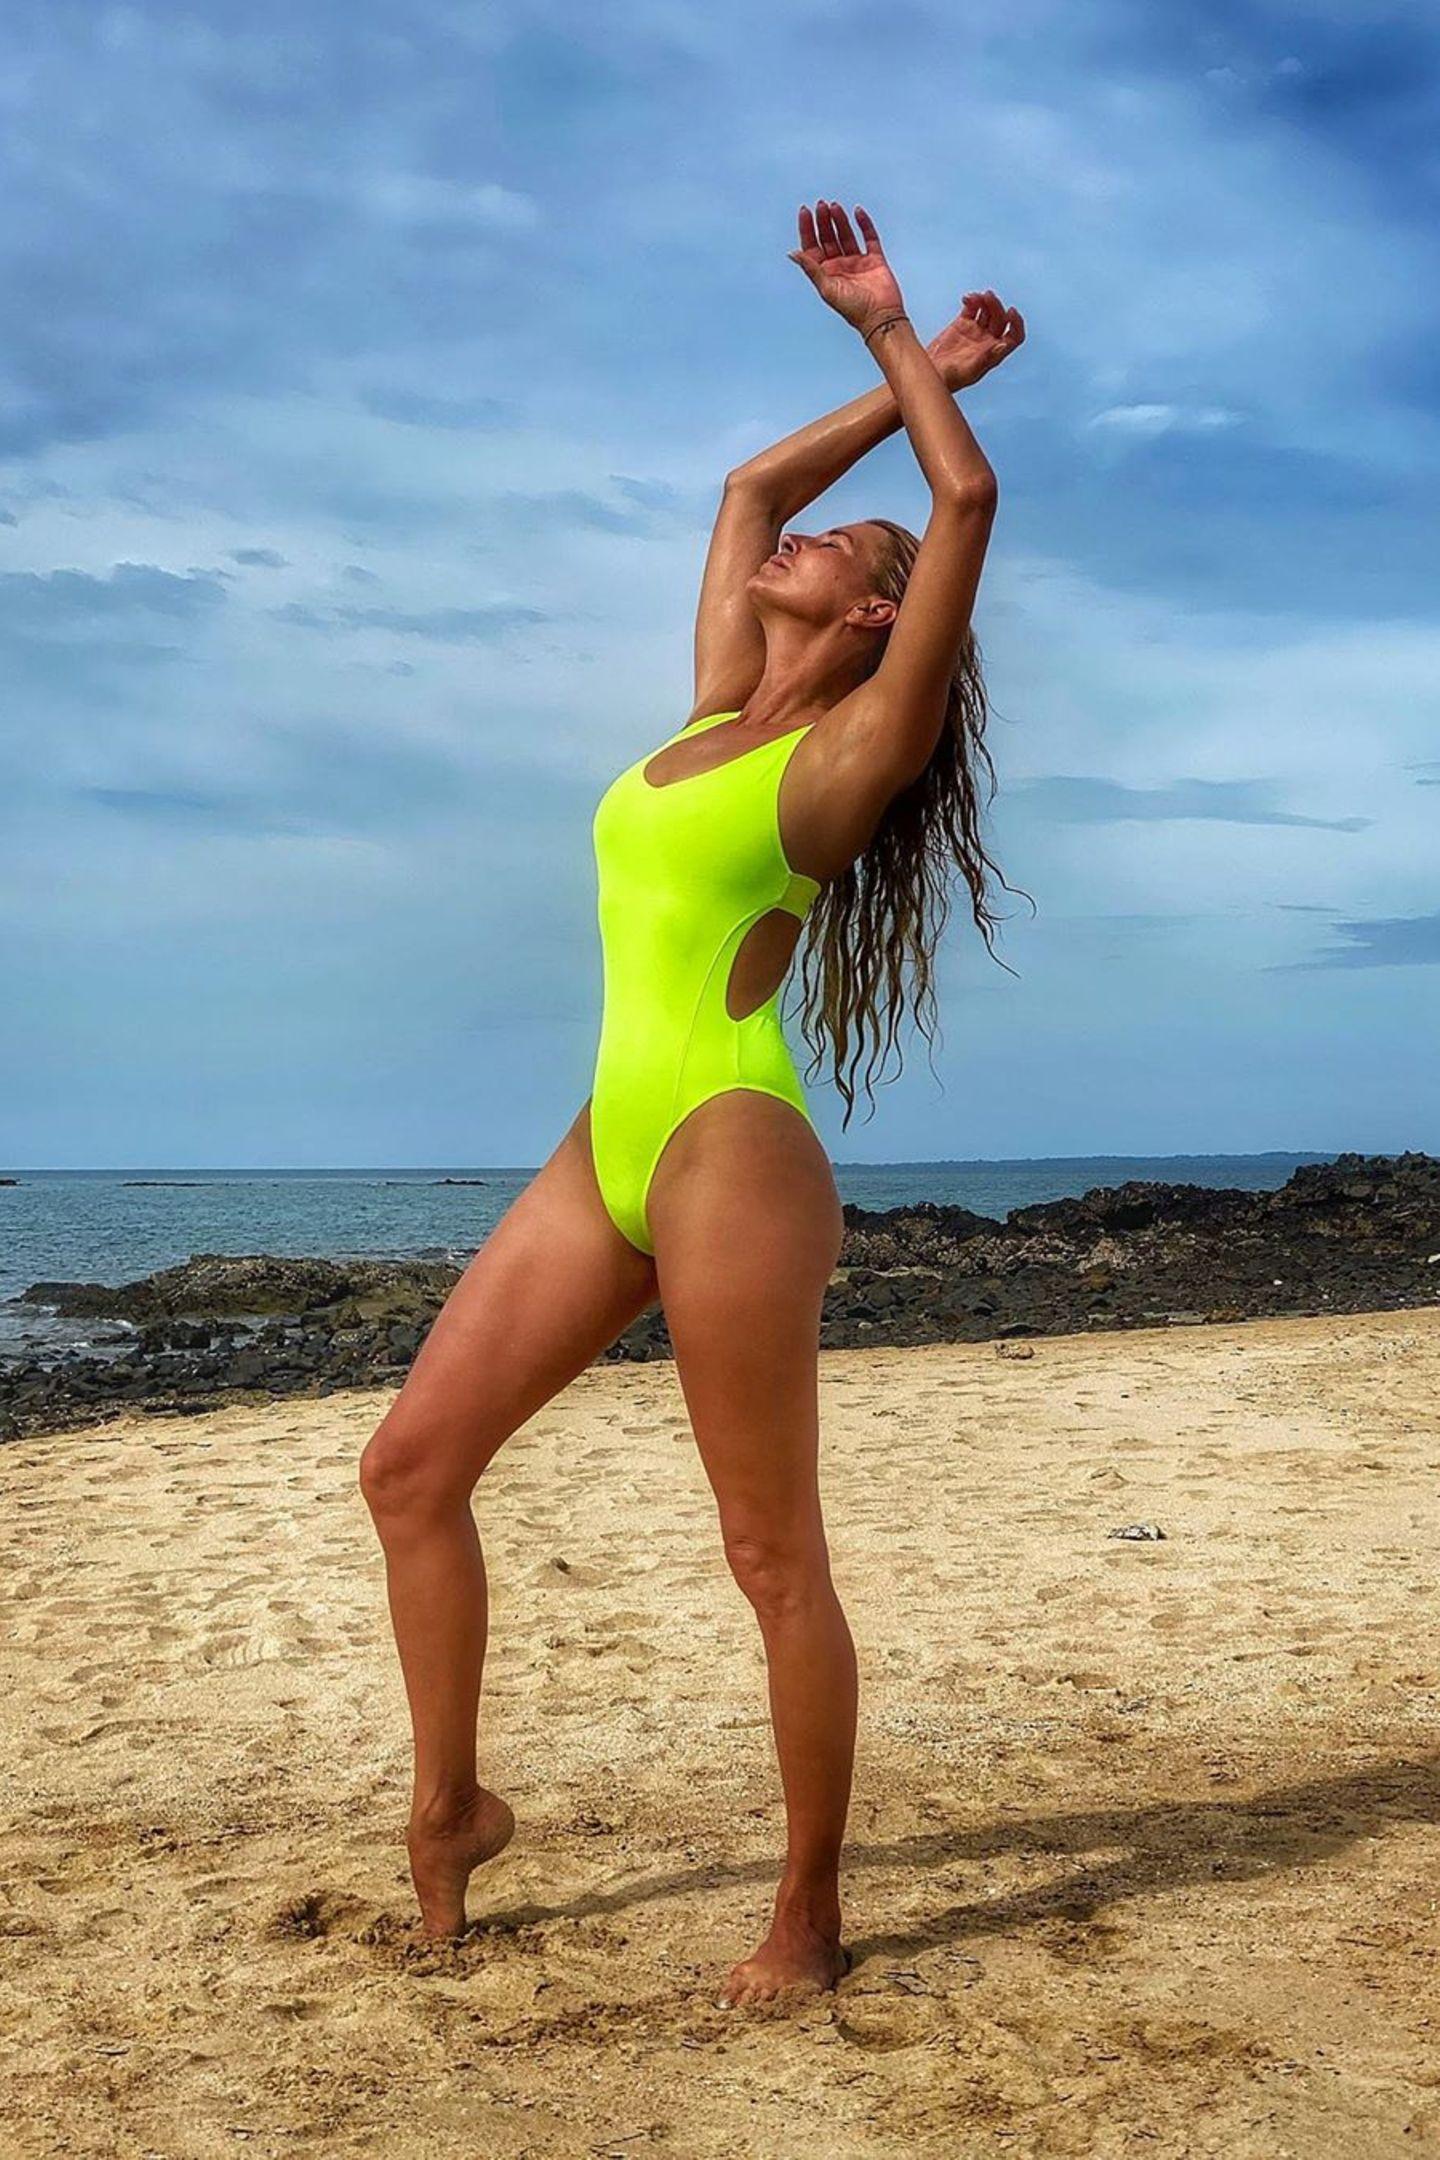 Baywatch-Nixe? Bikinimodel? Nein, dieses Foto zeigt den Traumkörper von Moderatorin und DJane Giulia Siegel. Mit ihren 45 Jahren braucht die sich hinter keinem Nachwuchsmodel verstecken und posiert voller Stolz im neongelben Badeanzug.